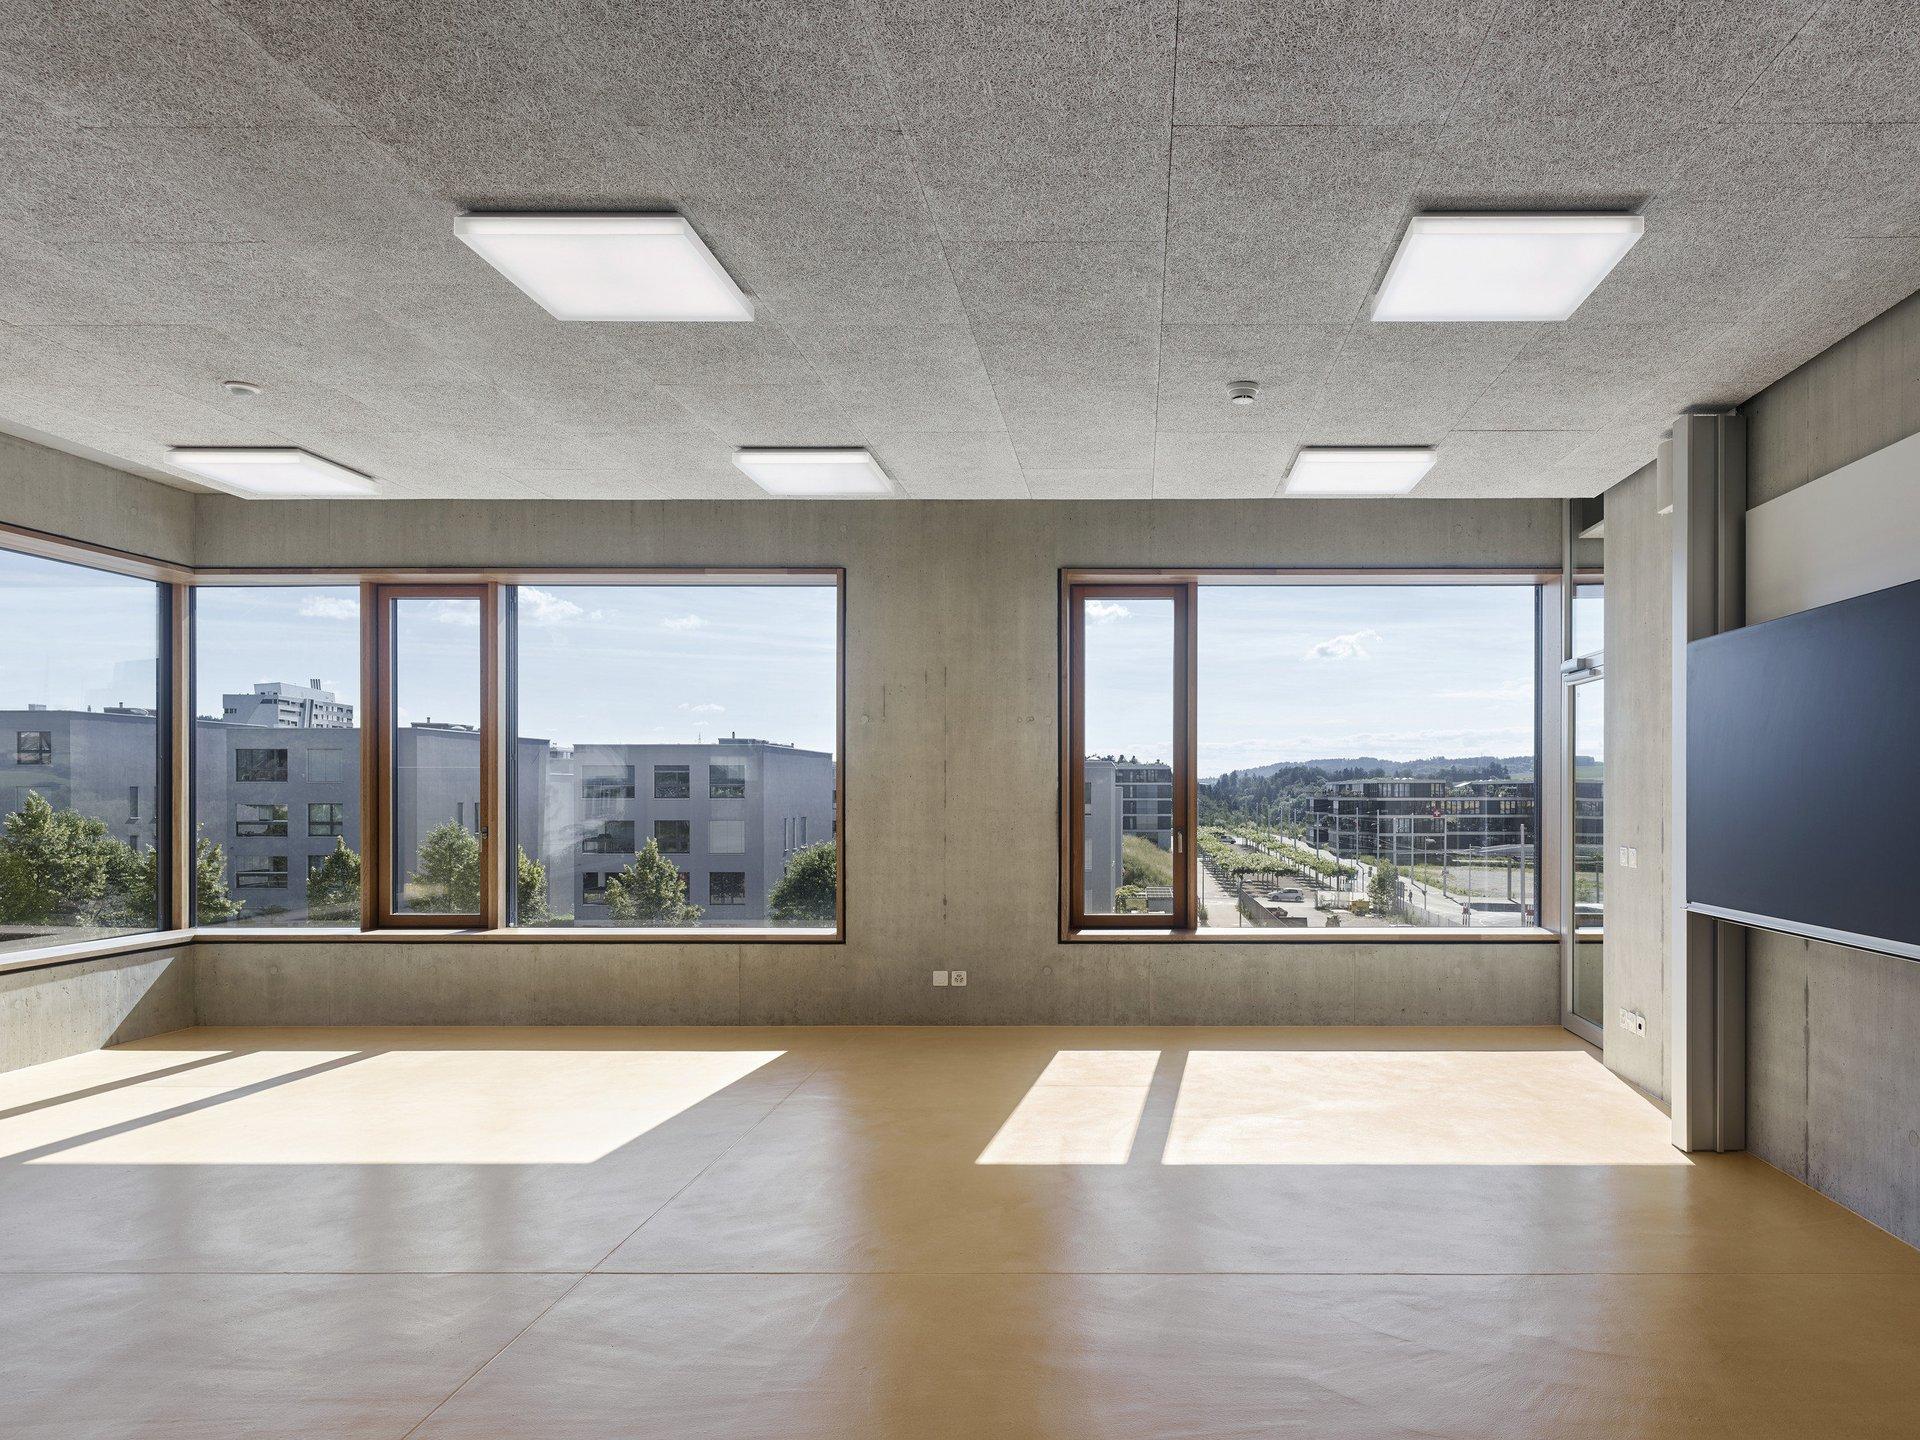 Fenêtre à un seul vantail avec partie fixe intérieure, en chêne naturel